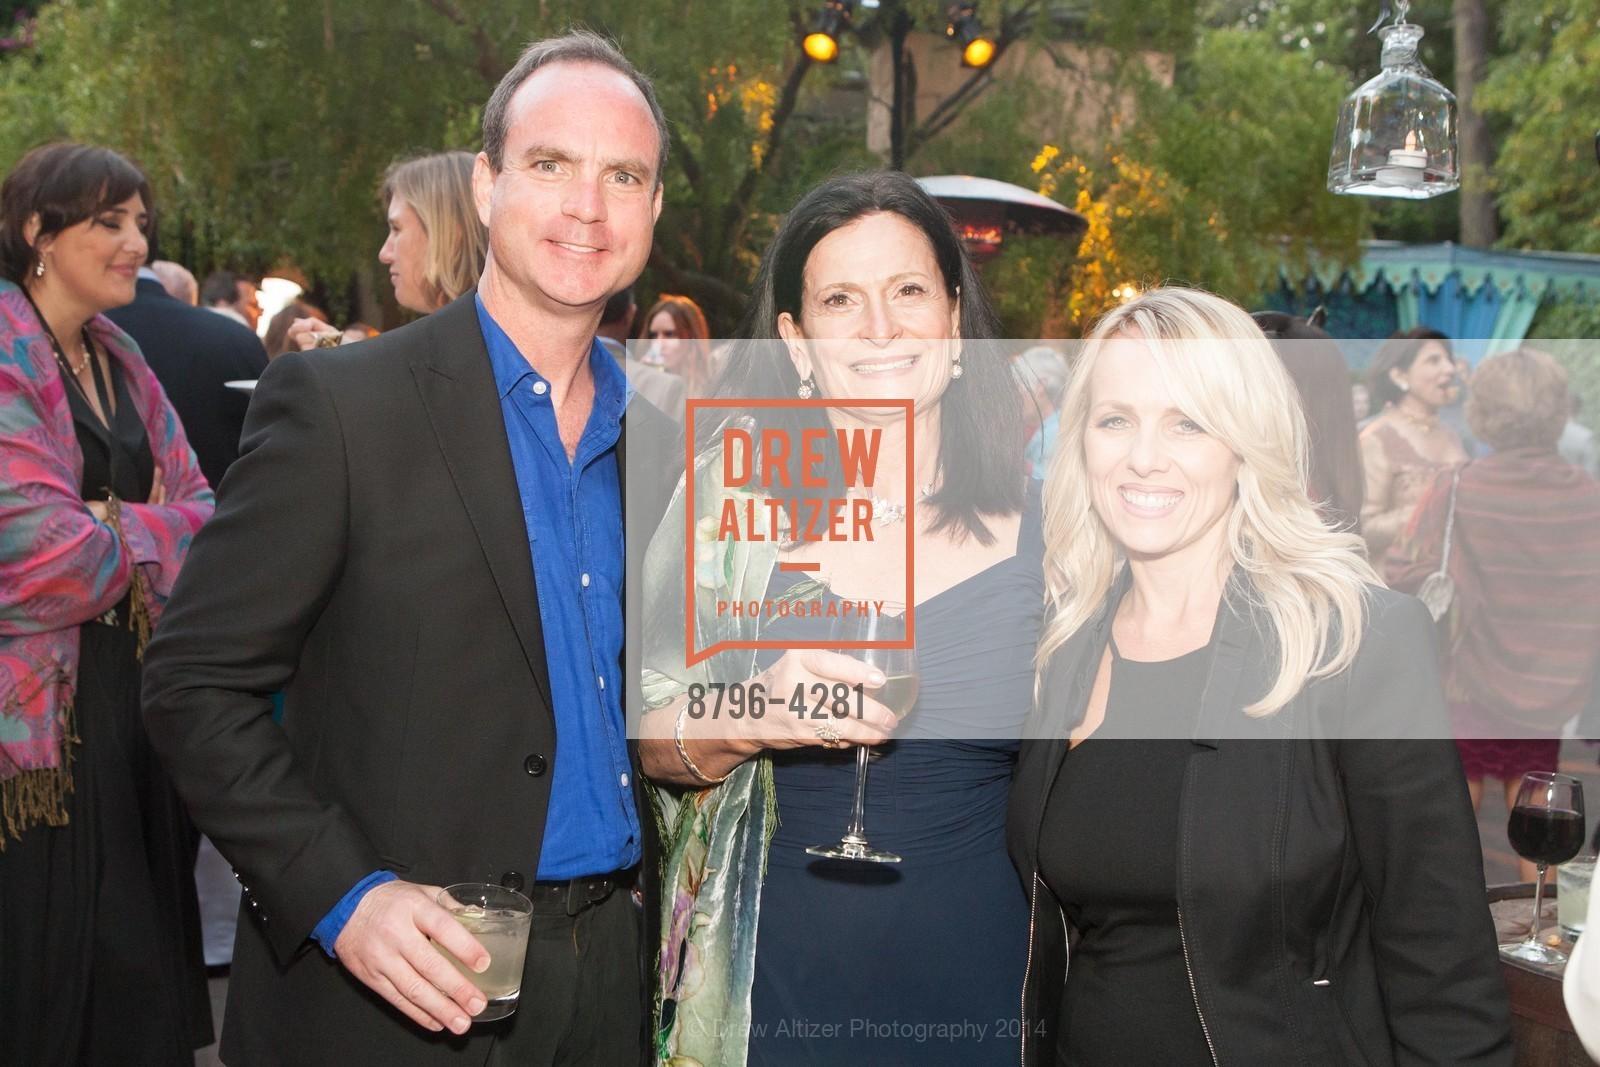 Jeff Anderson, Carol Campbell, Alicia Anderson, Photo #8796-4281